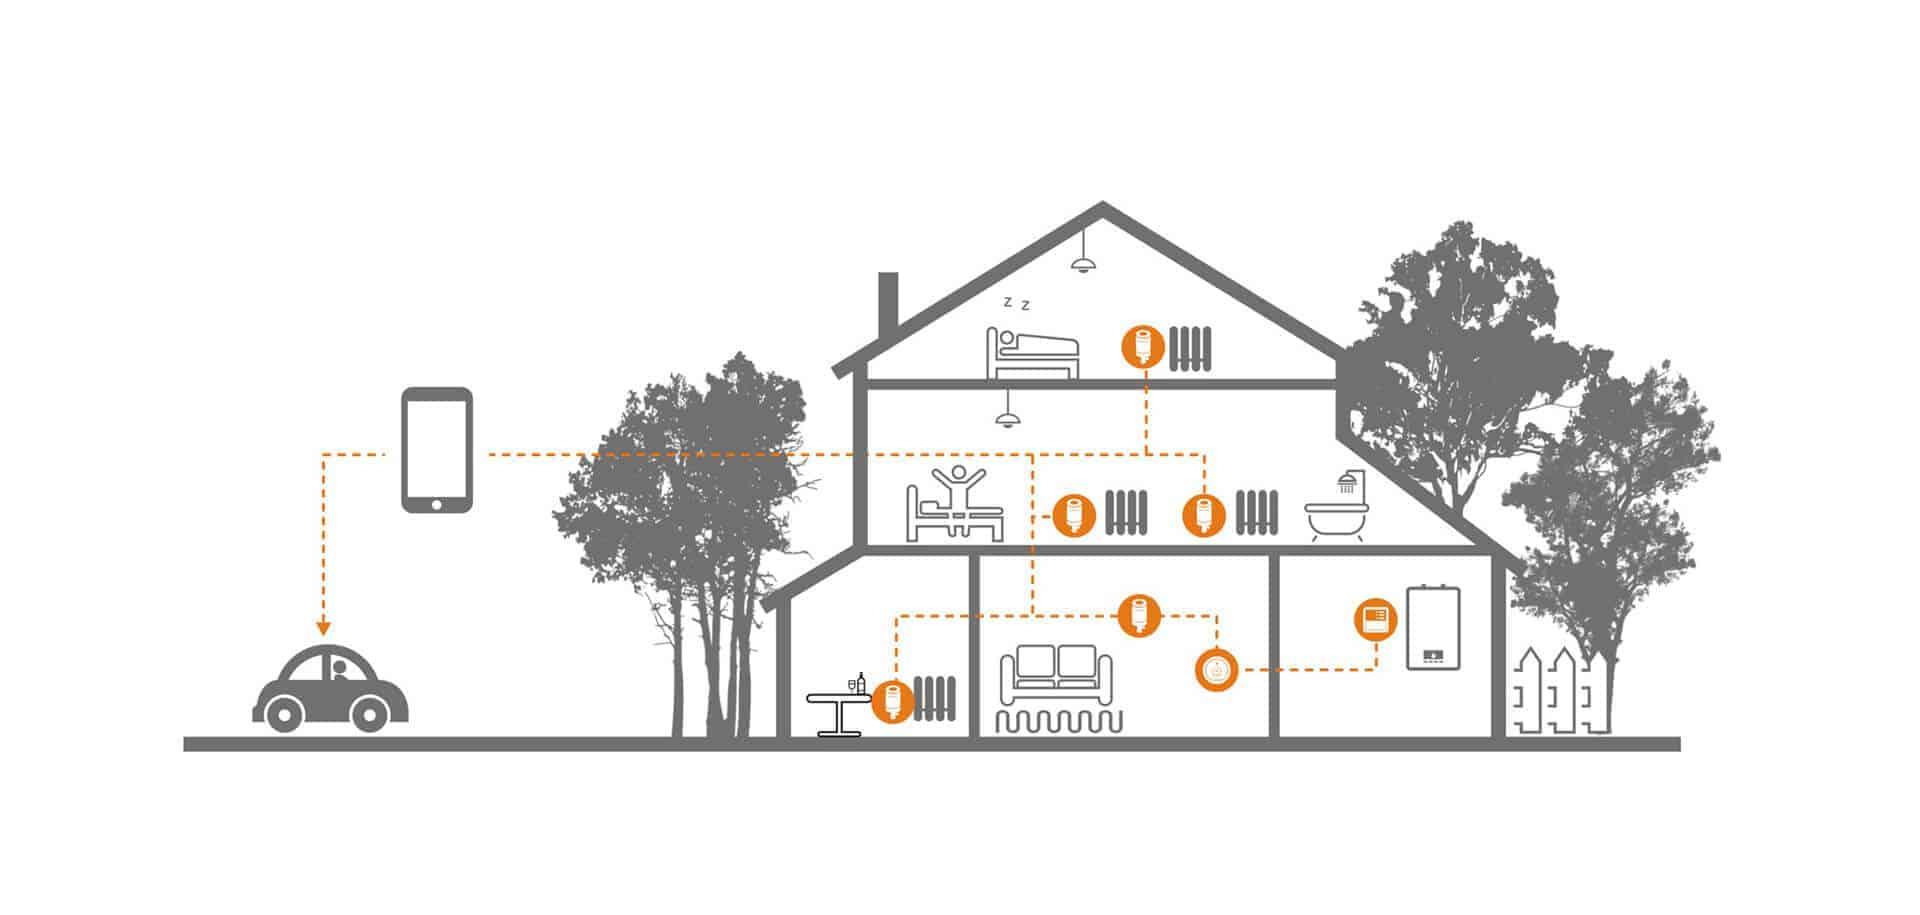 termostati za ventile loceno ogrevanje wifi